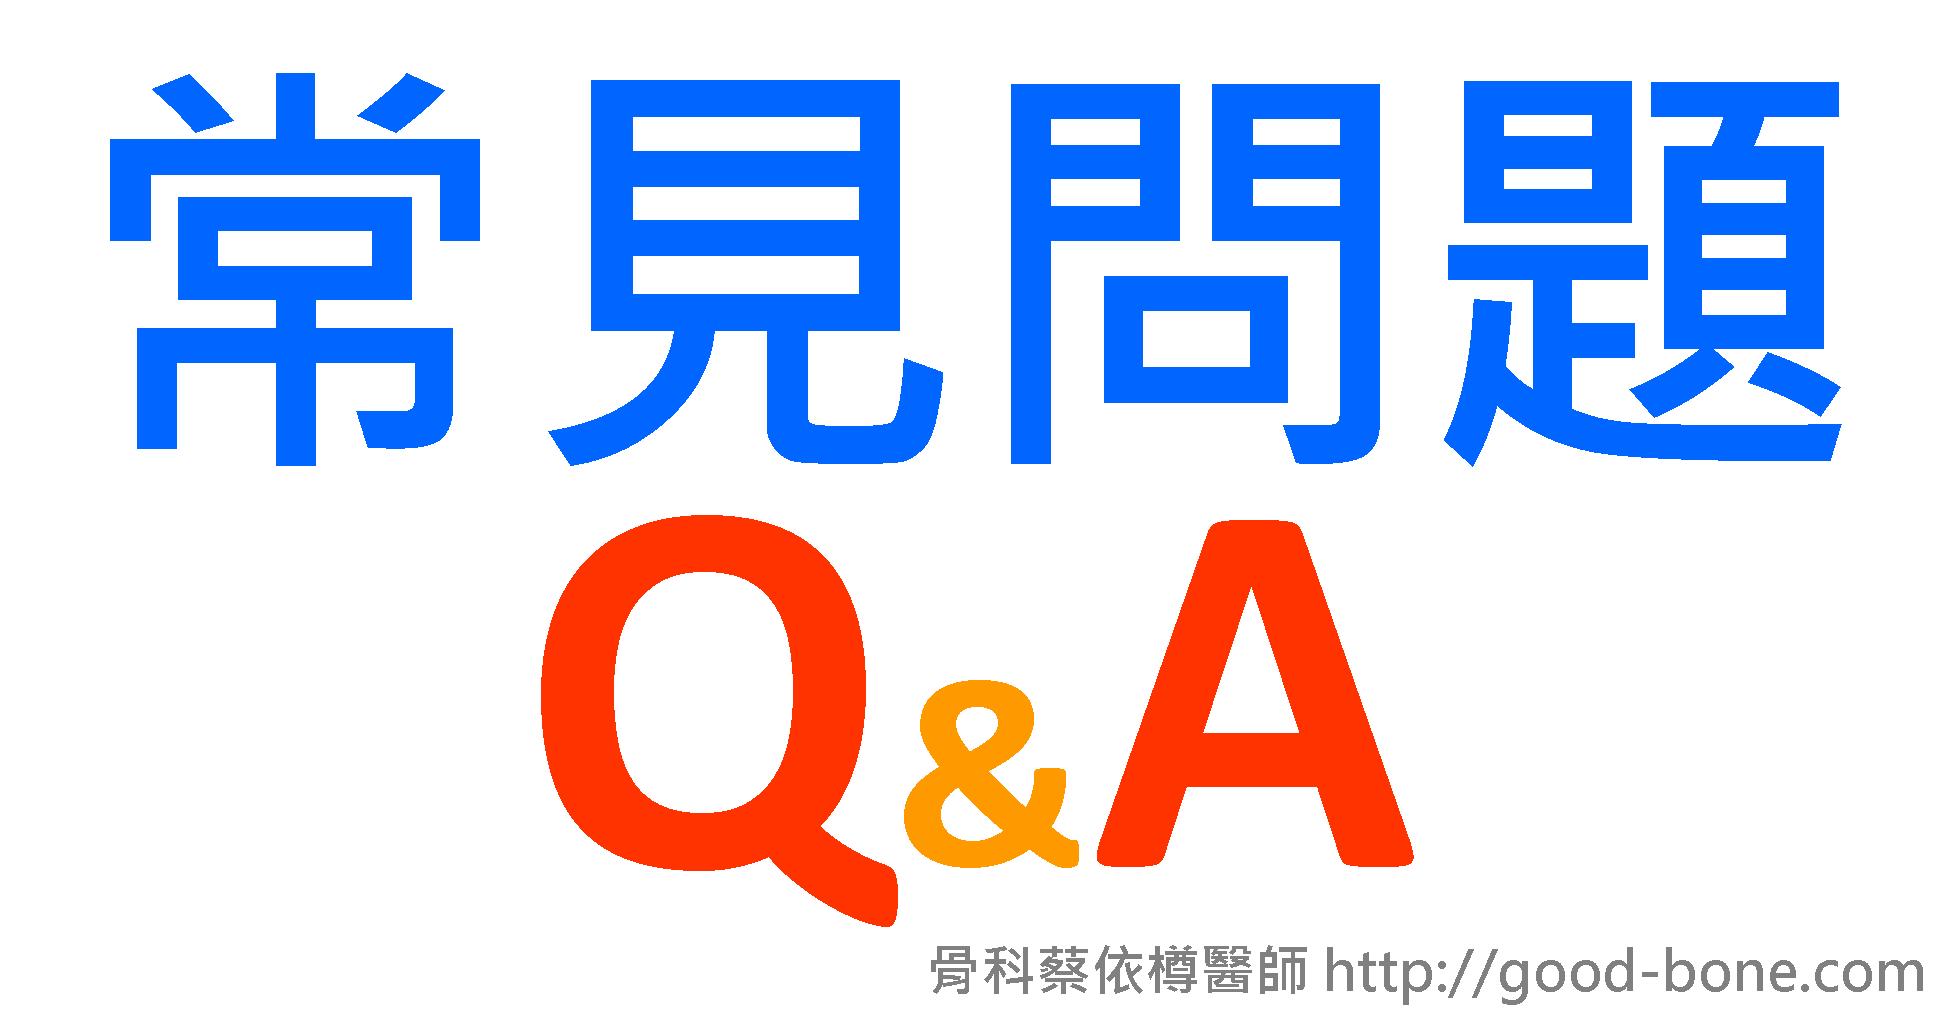 常見問題Q&A|台中骨科蔡依樽醫師https://good-bone.com